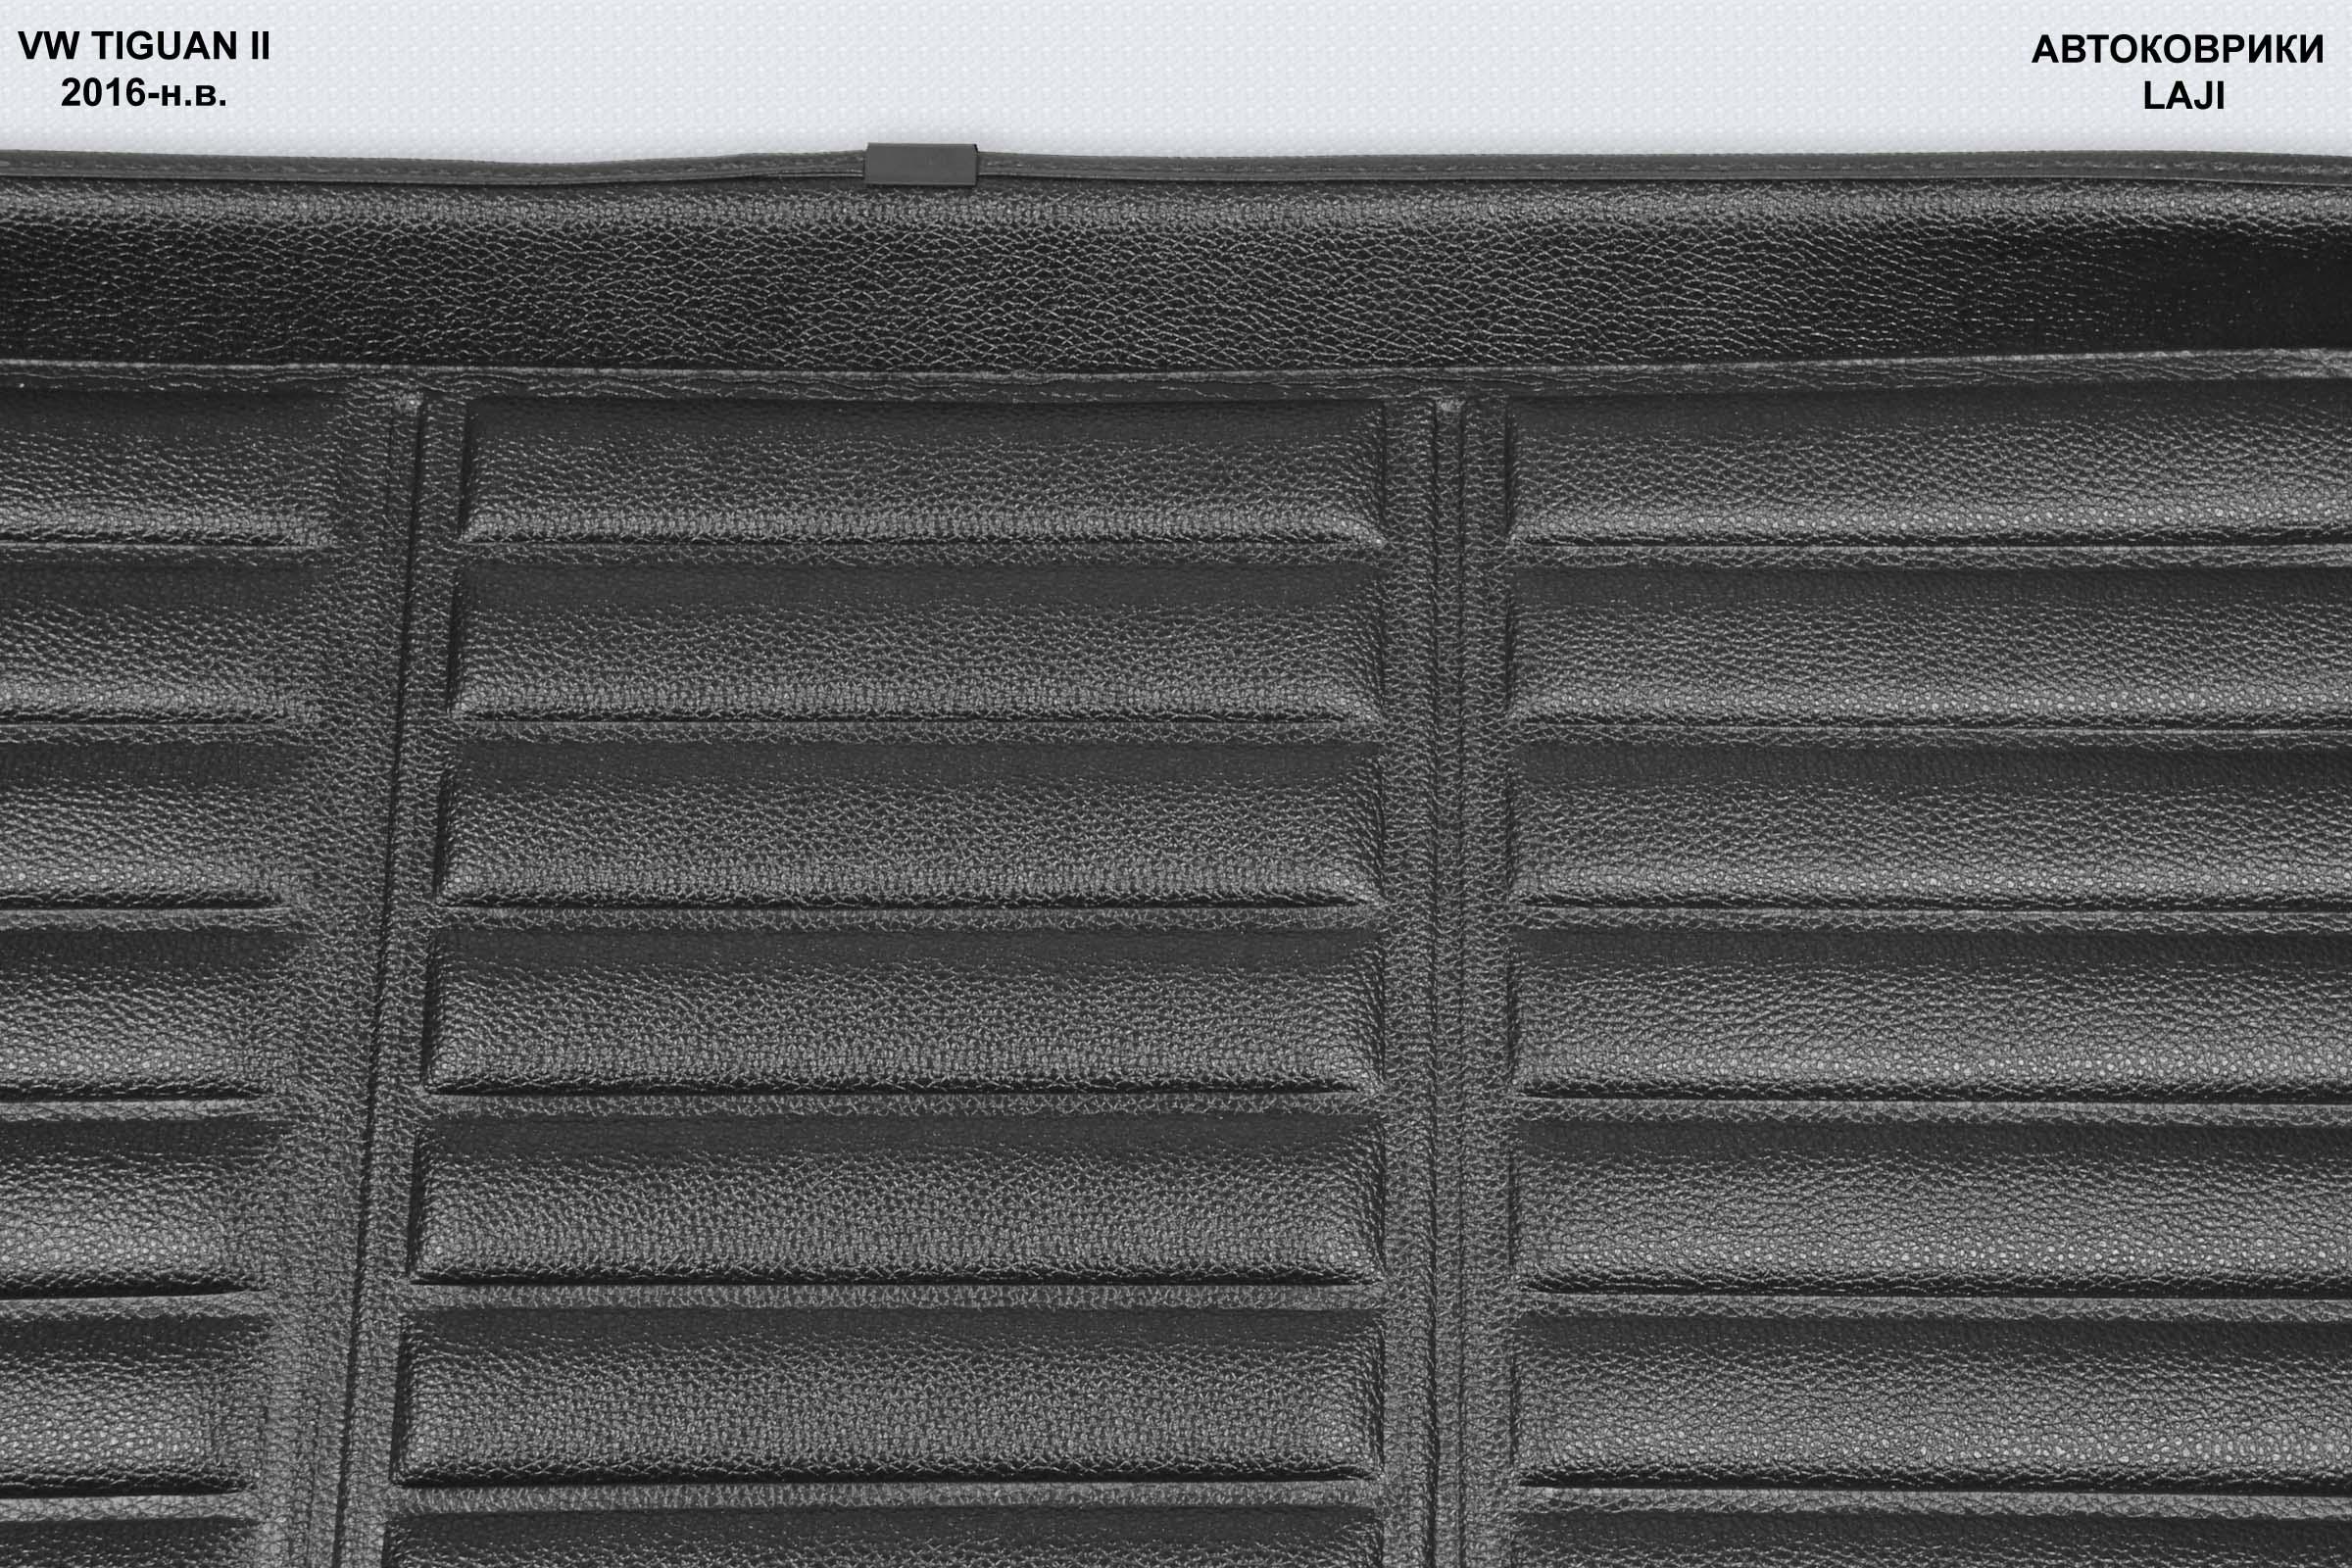 3D коврик в багажник Volkswagen Tiguan 2 2016-н.в. 4